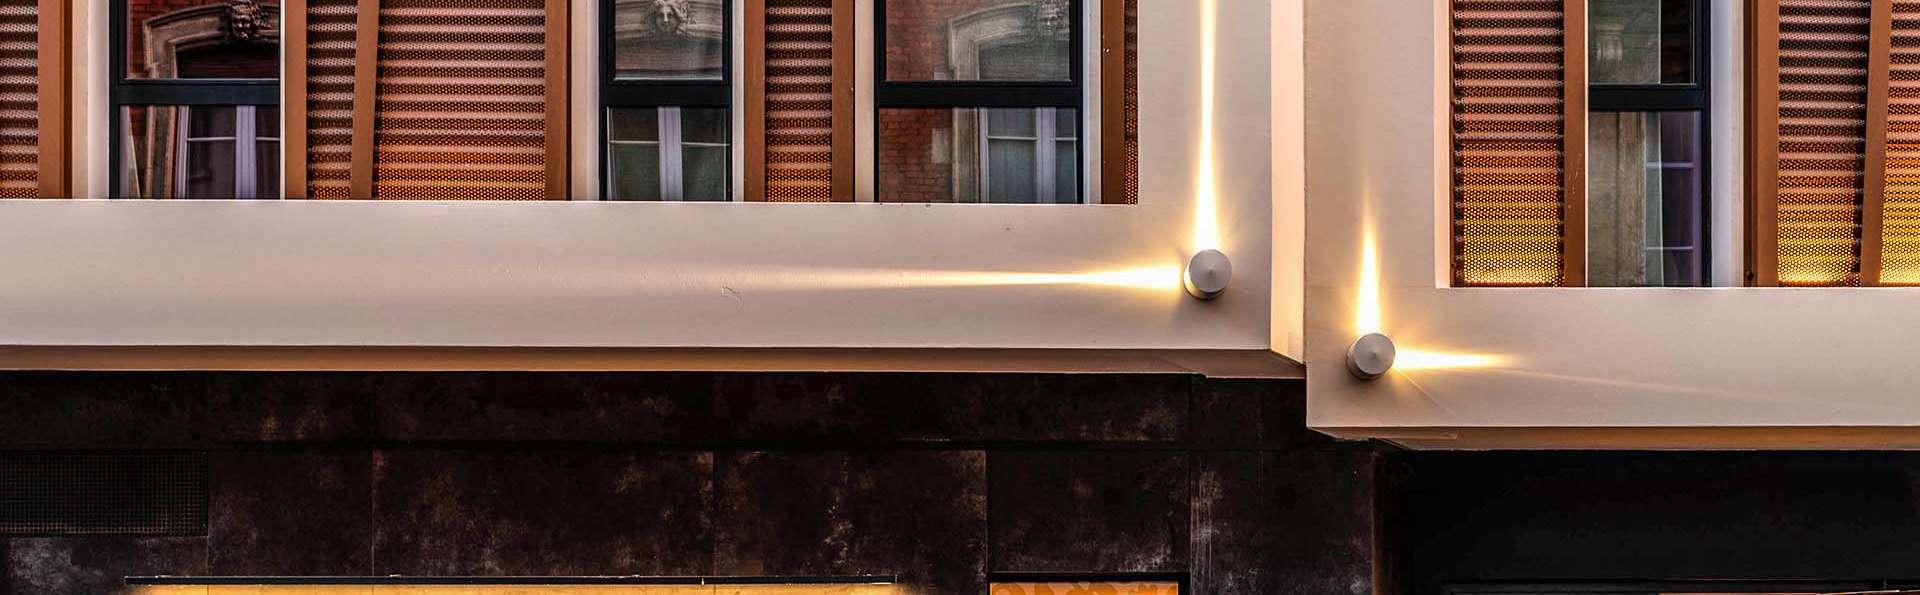 Hôtel Villa Koegui Bayonne - EDIT_vkbay_facade_01.jpg